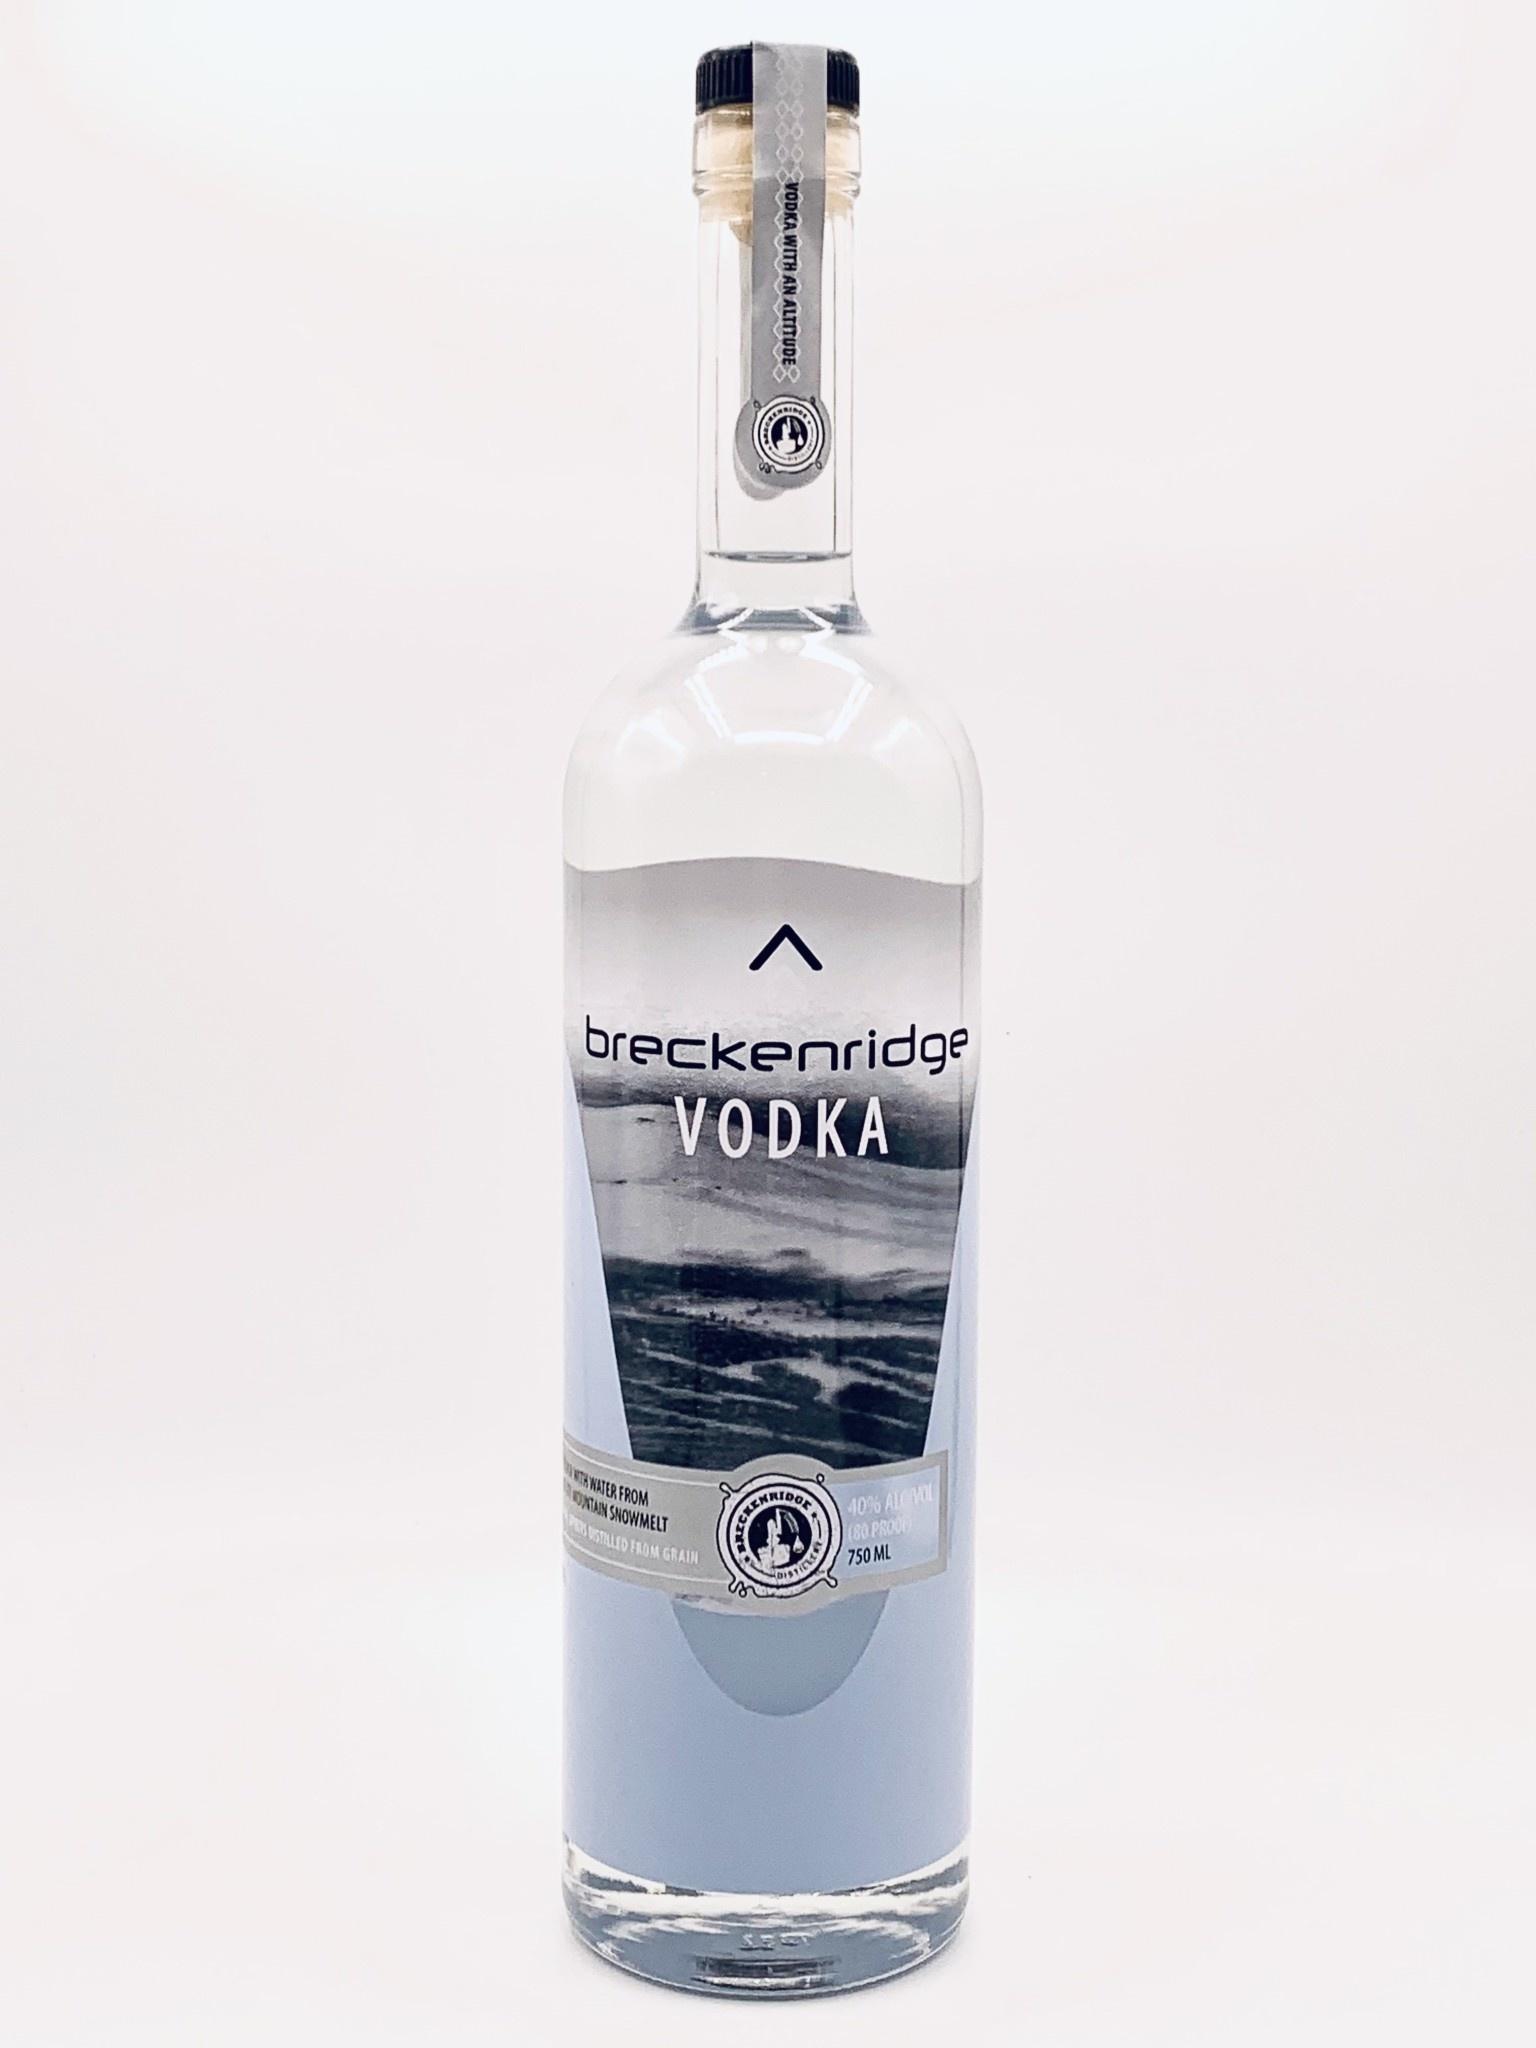 Breckenridge Colorado Vodka 80proof 750ml (80 Proof)